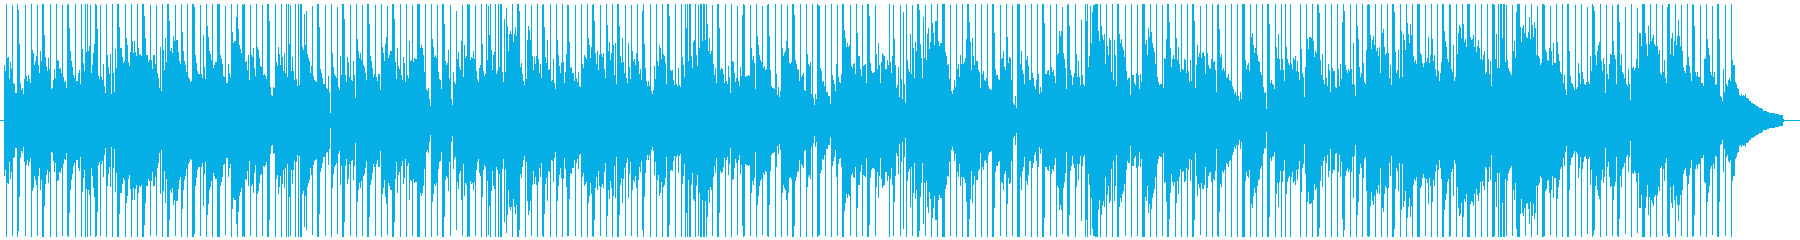 トランペット、スムースジャズバラードの再生済みの波形